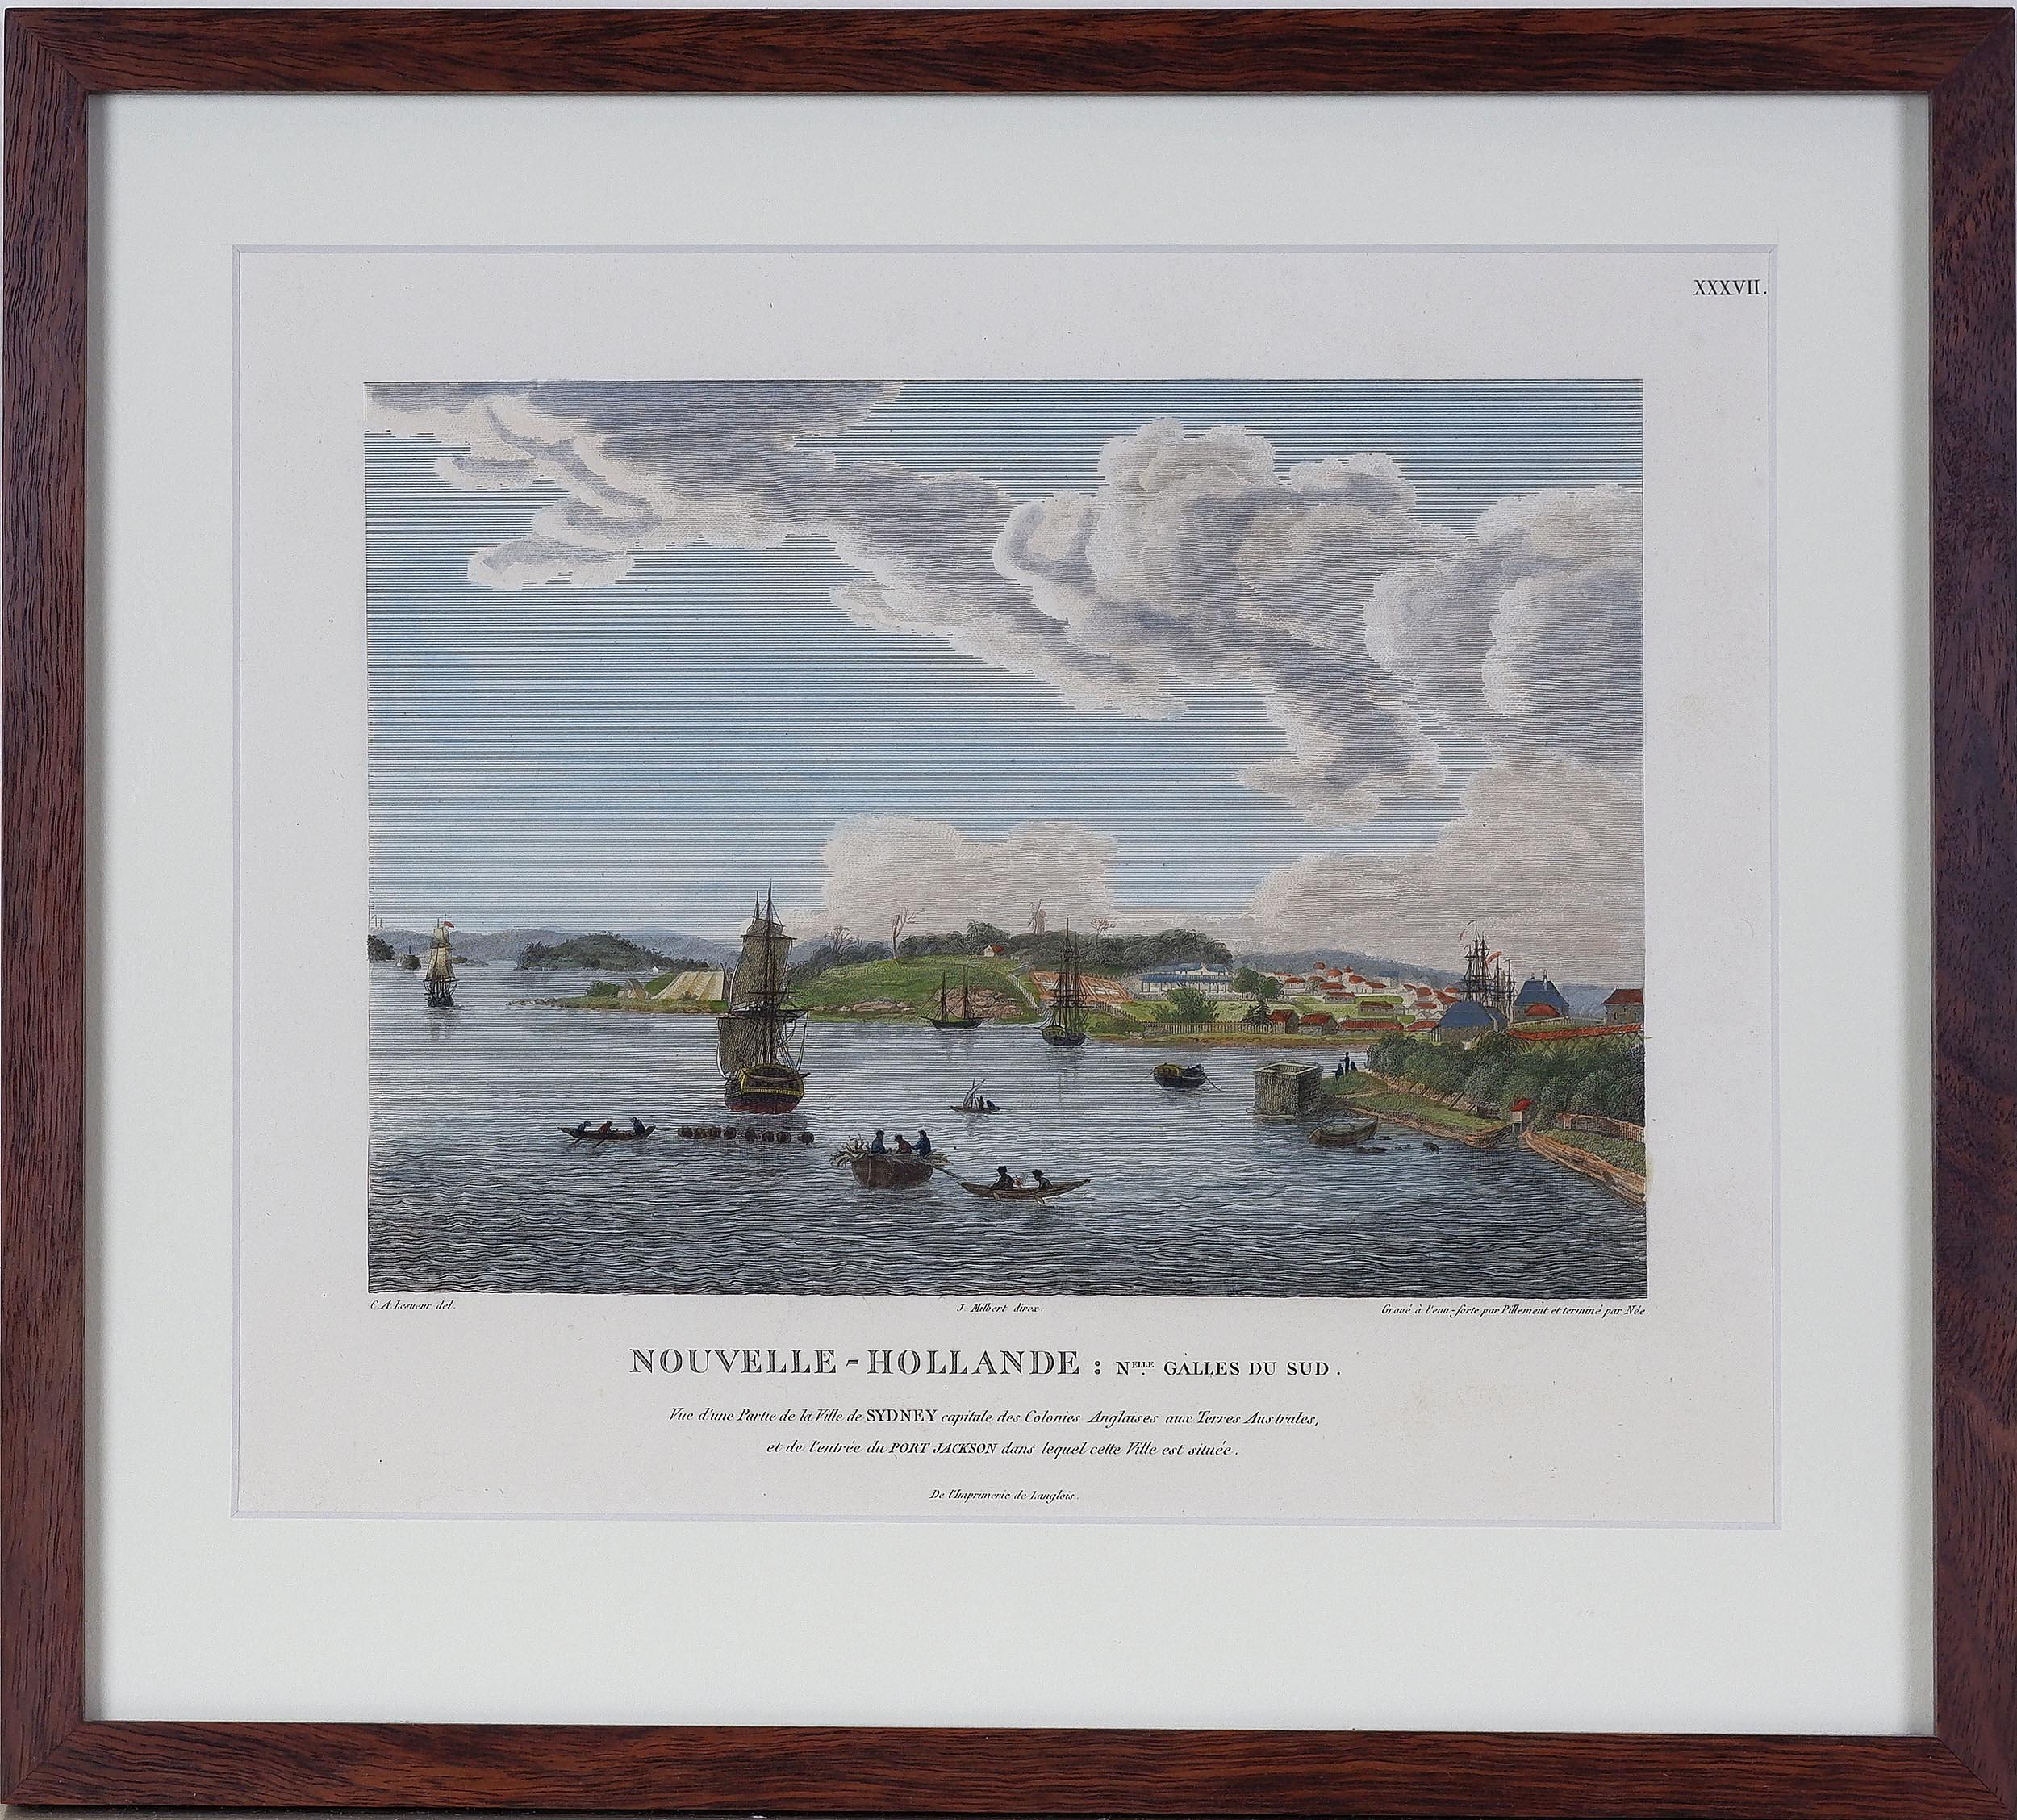 'Charles Alexander Lesueur (1788-1846) Vue DUne Partie de la Ville de Sydney .., Hand Coloured Engraving'